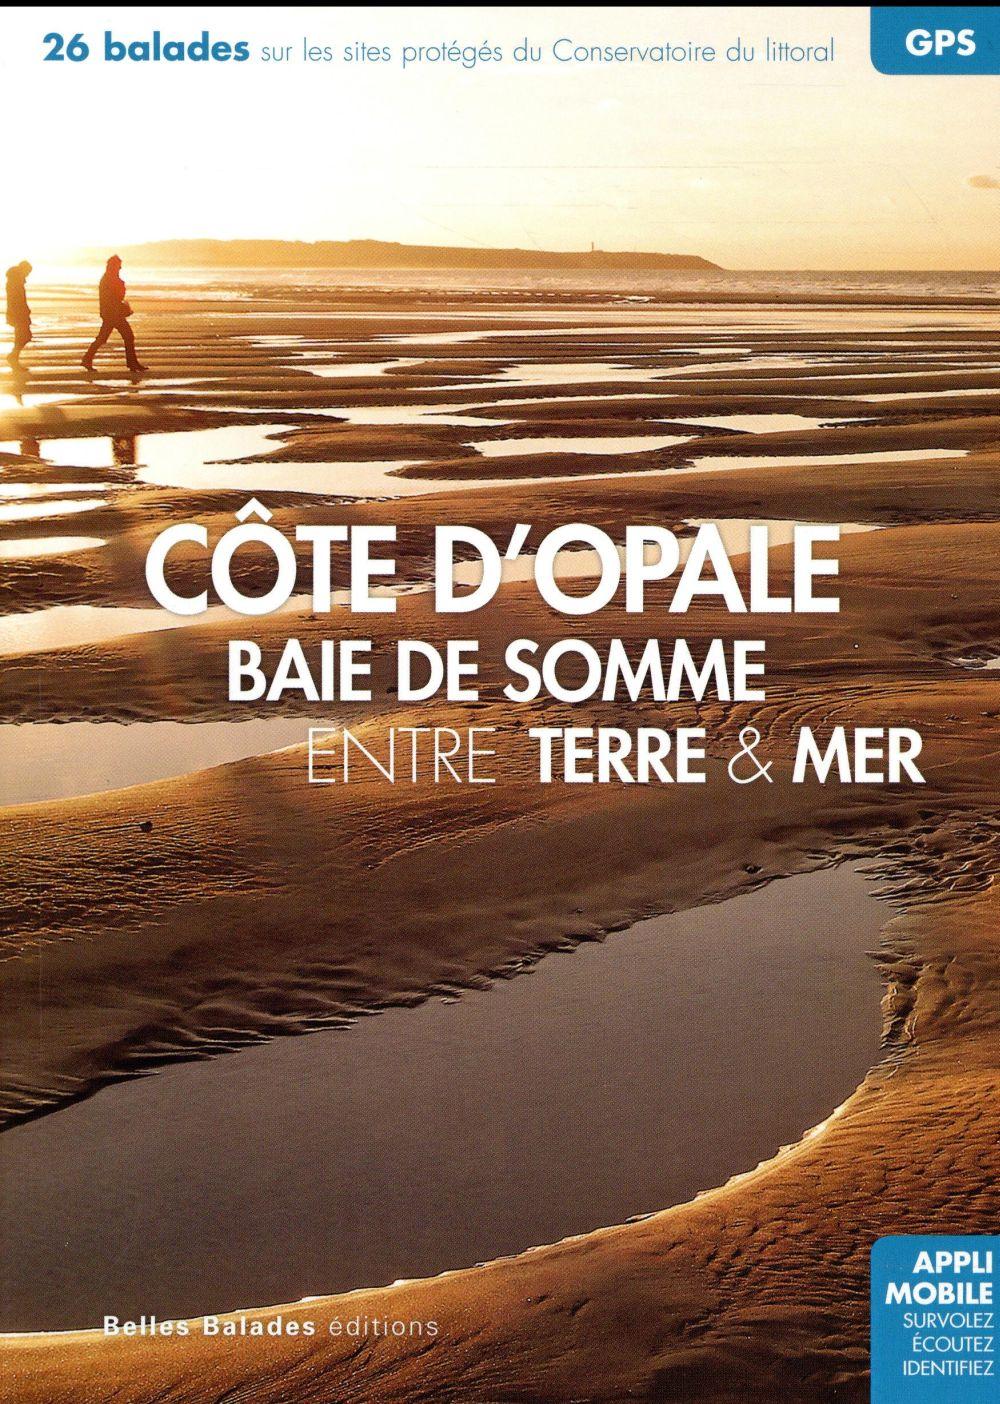 Côte d'Opale, baie de Somme entre terre & mer